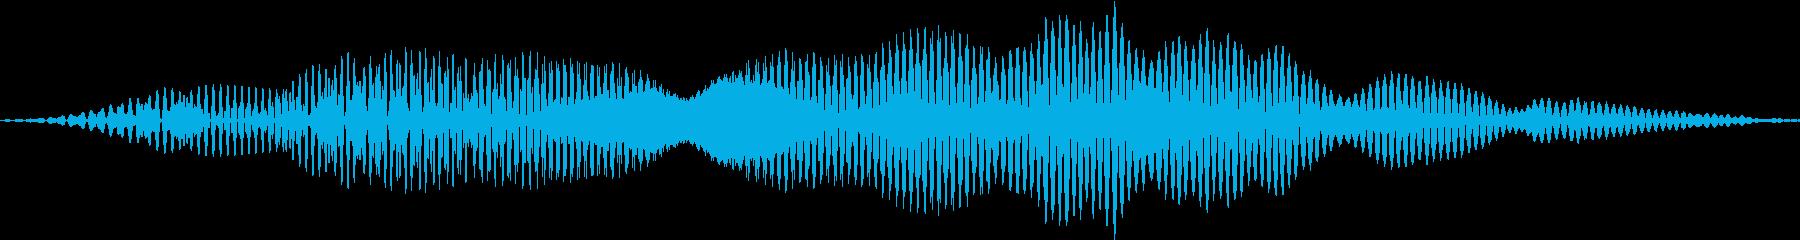 ヒョイッ(かわいい カーソル ジャンプ)の再生済みの波形